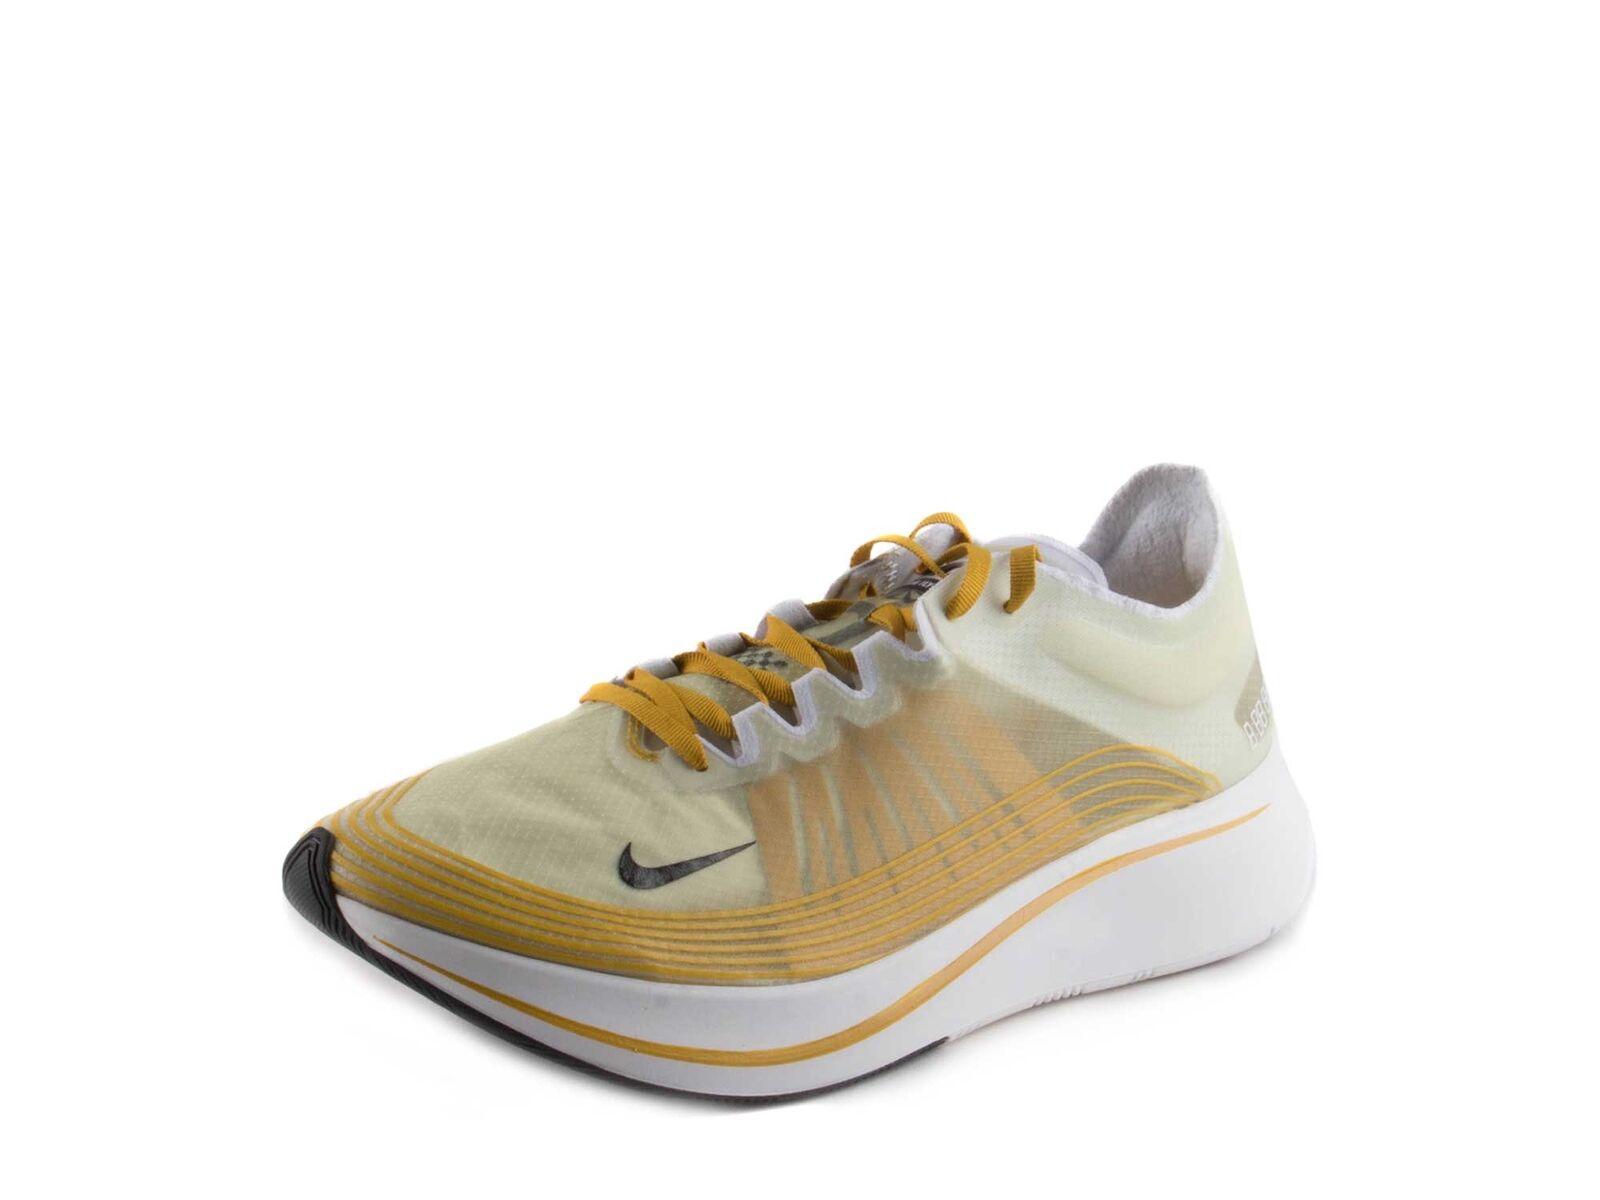 Nike para hombre Zoom Fly SP Citron oscuro negro AJ9282-300